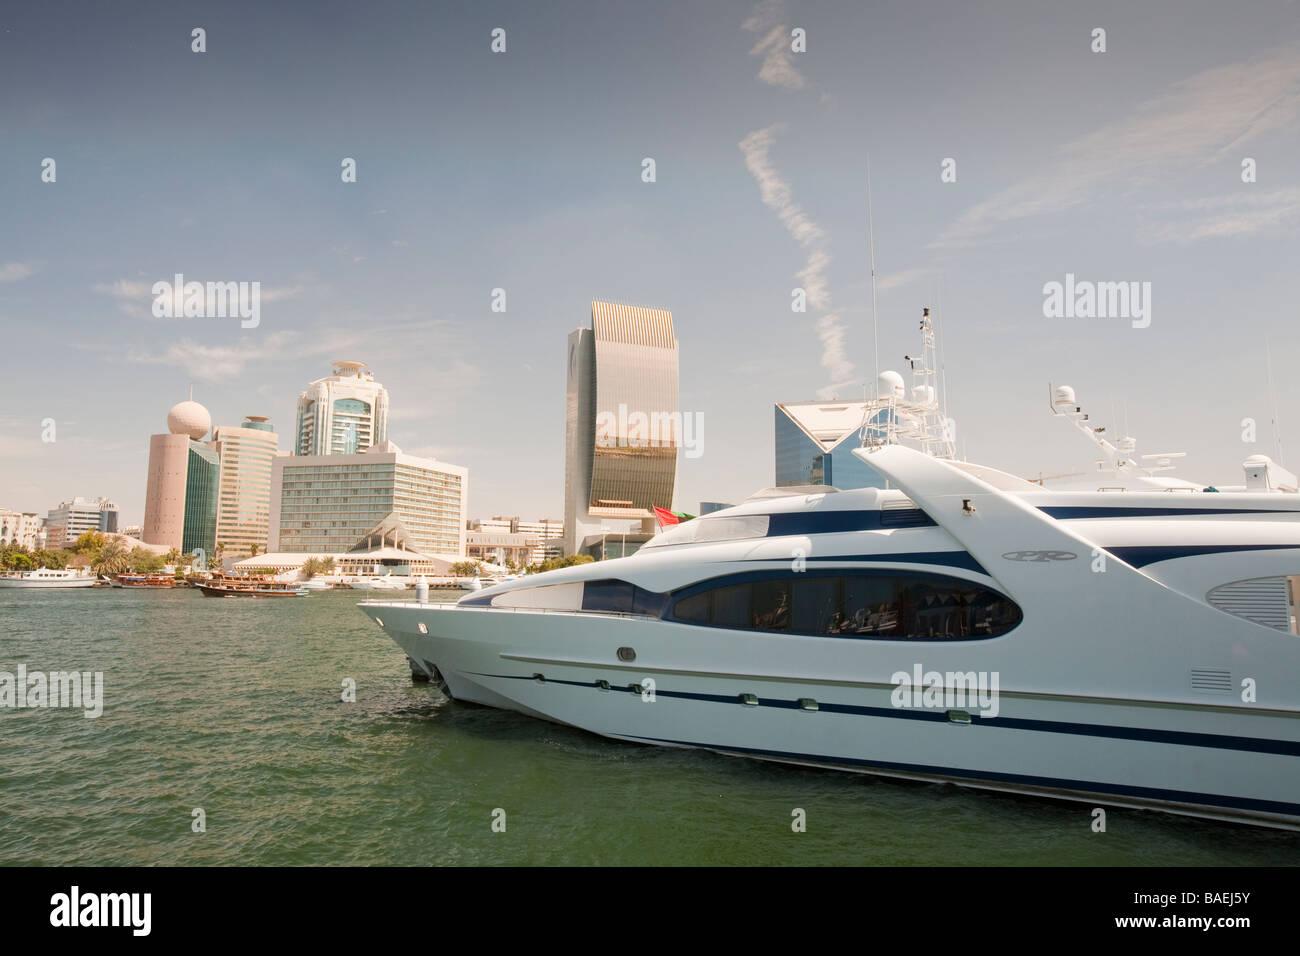 Luxury yacht on Dubai creek in Dubai - Stock Image